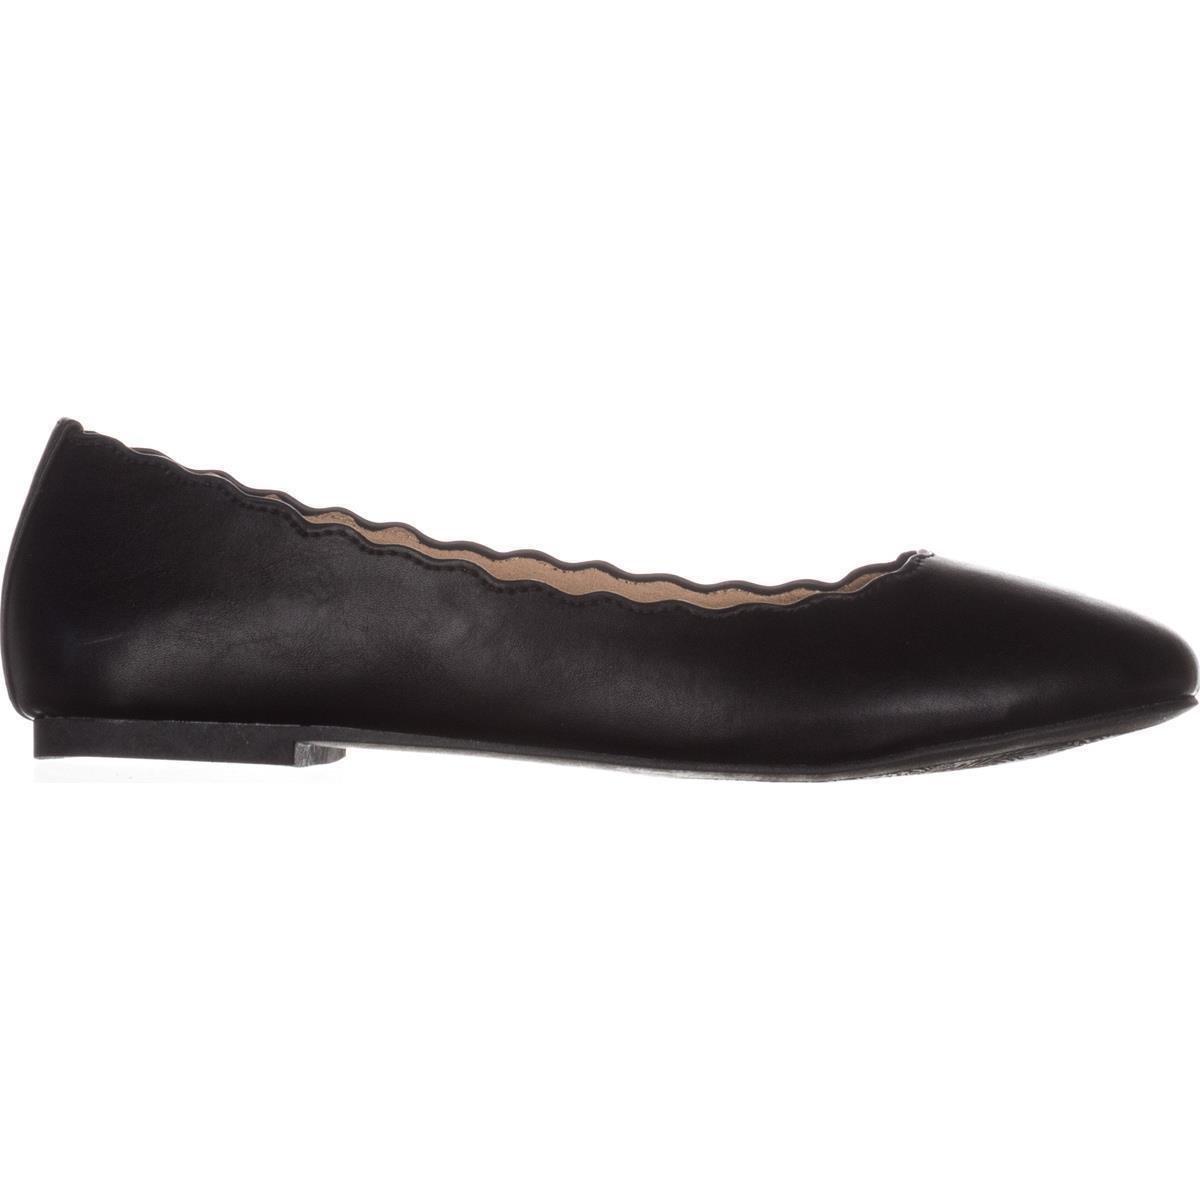 Esprit Women's Odette Scalloped Edge Ballet Flats B06Y1VF7WX 8 B(M) US|Black